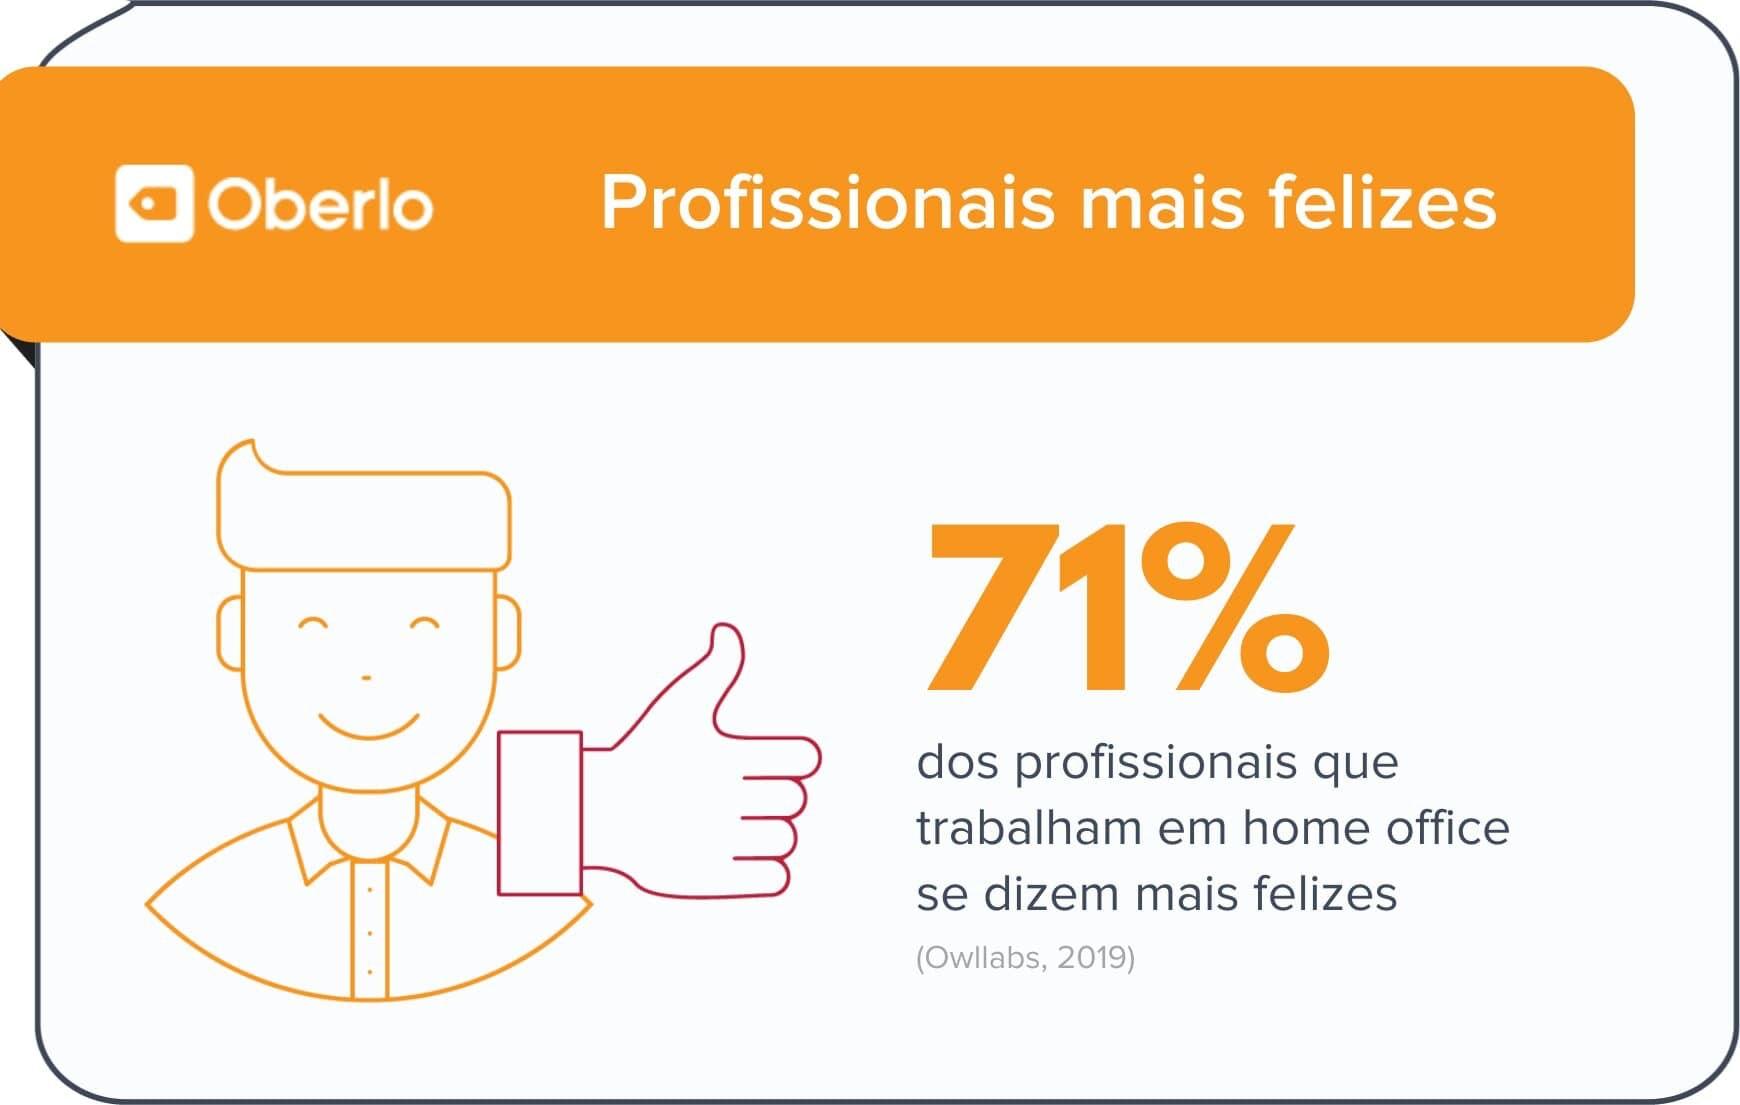 Profissionais que podem trabalhar de casa, ao que tudo indica, são profissionais mais felizes.